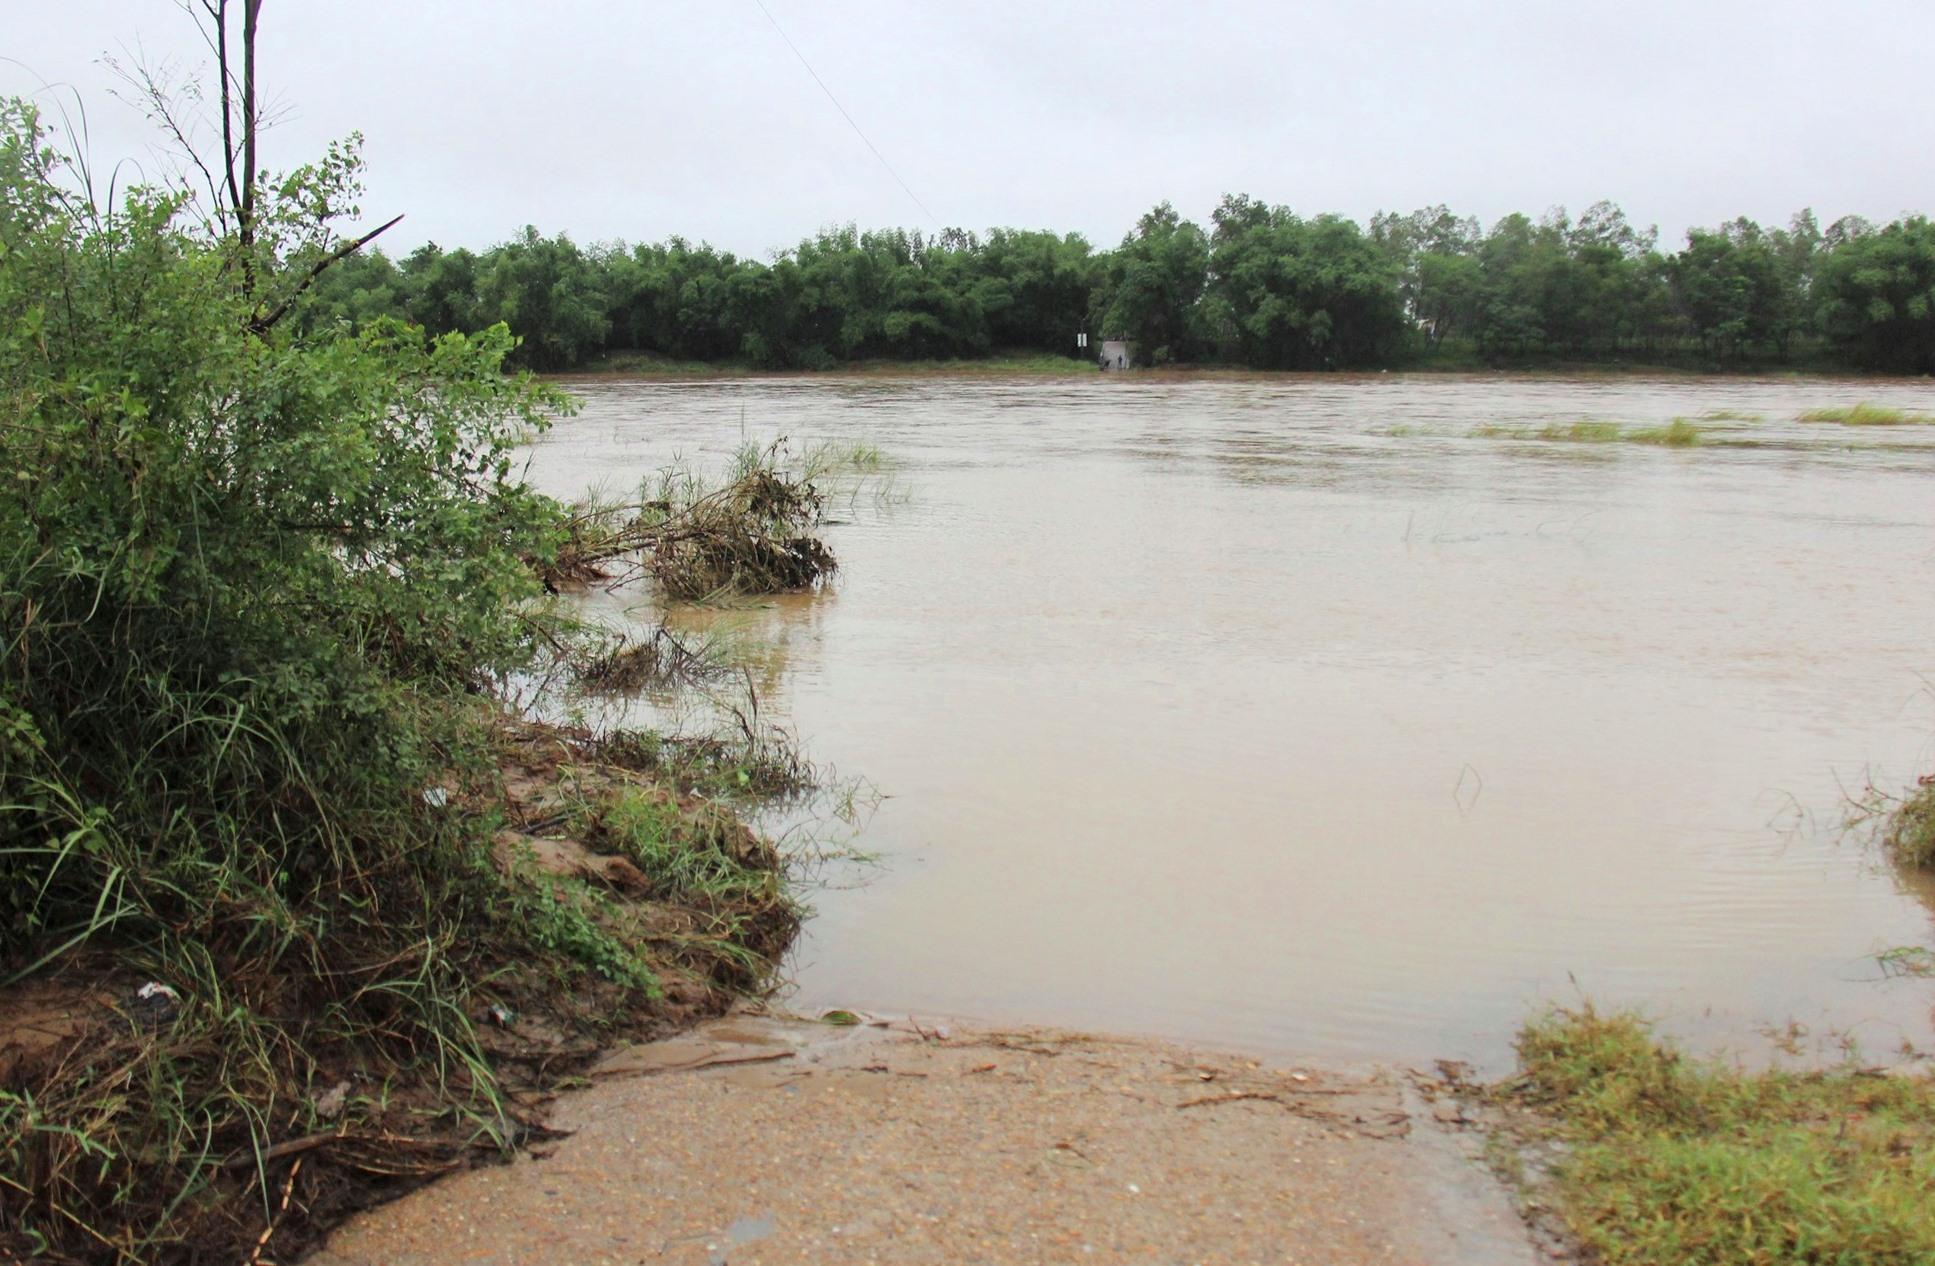 Con đường từ thôn Lệ Bắc, xã Duy Châu, huyện Duy xuyên nối ra trung tâm xã bị nước lũ nhấn chìm trong sáng 17.10. Ảnh: H.A